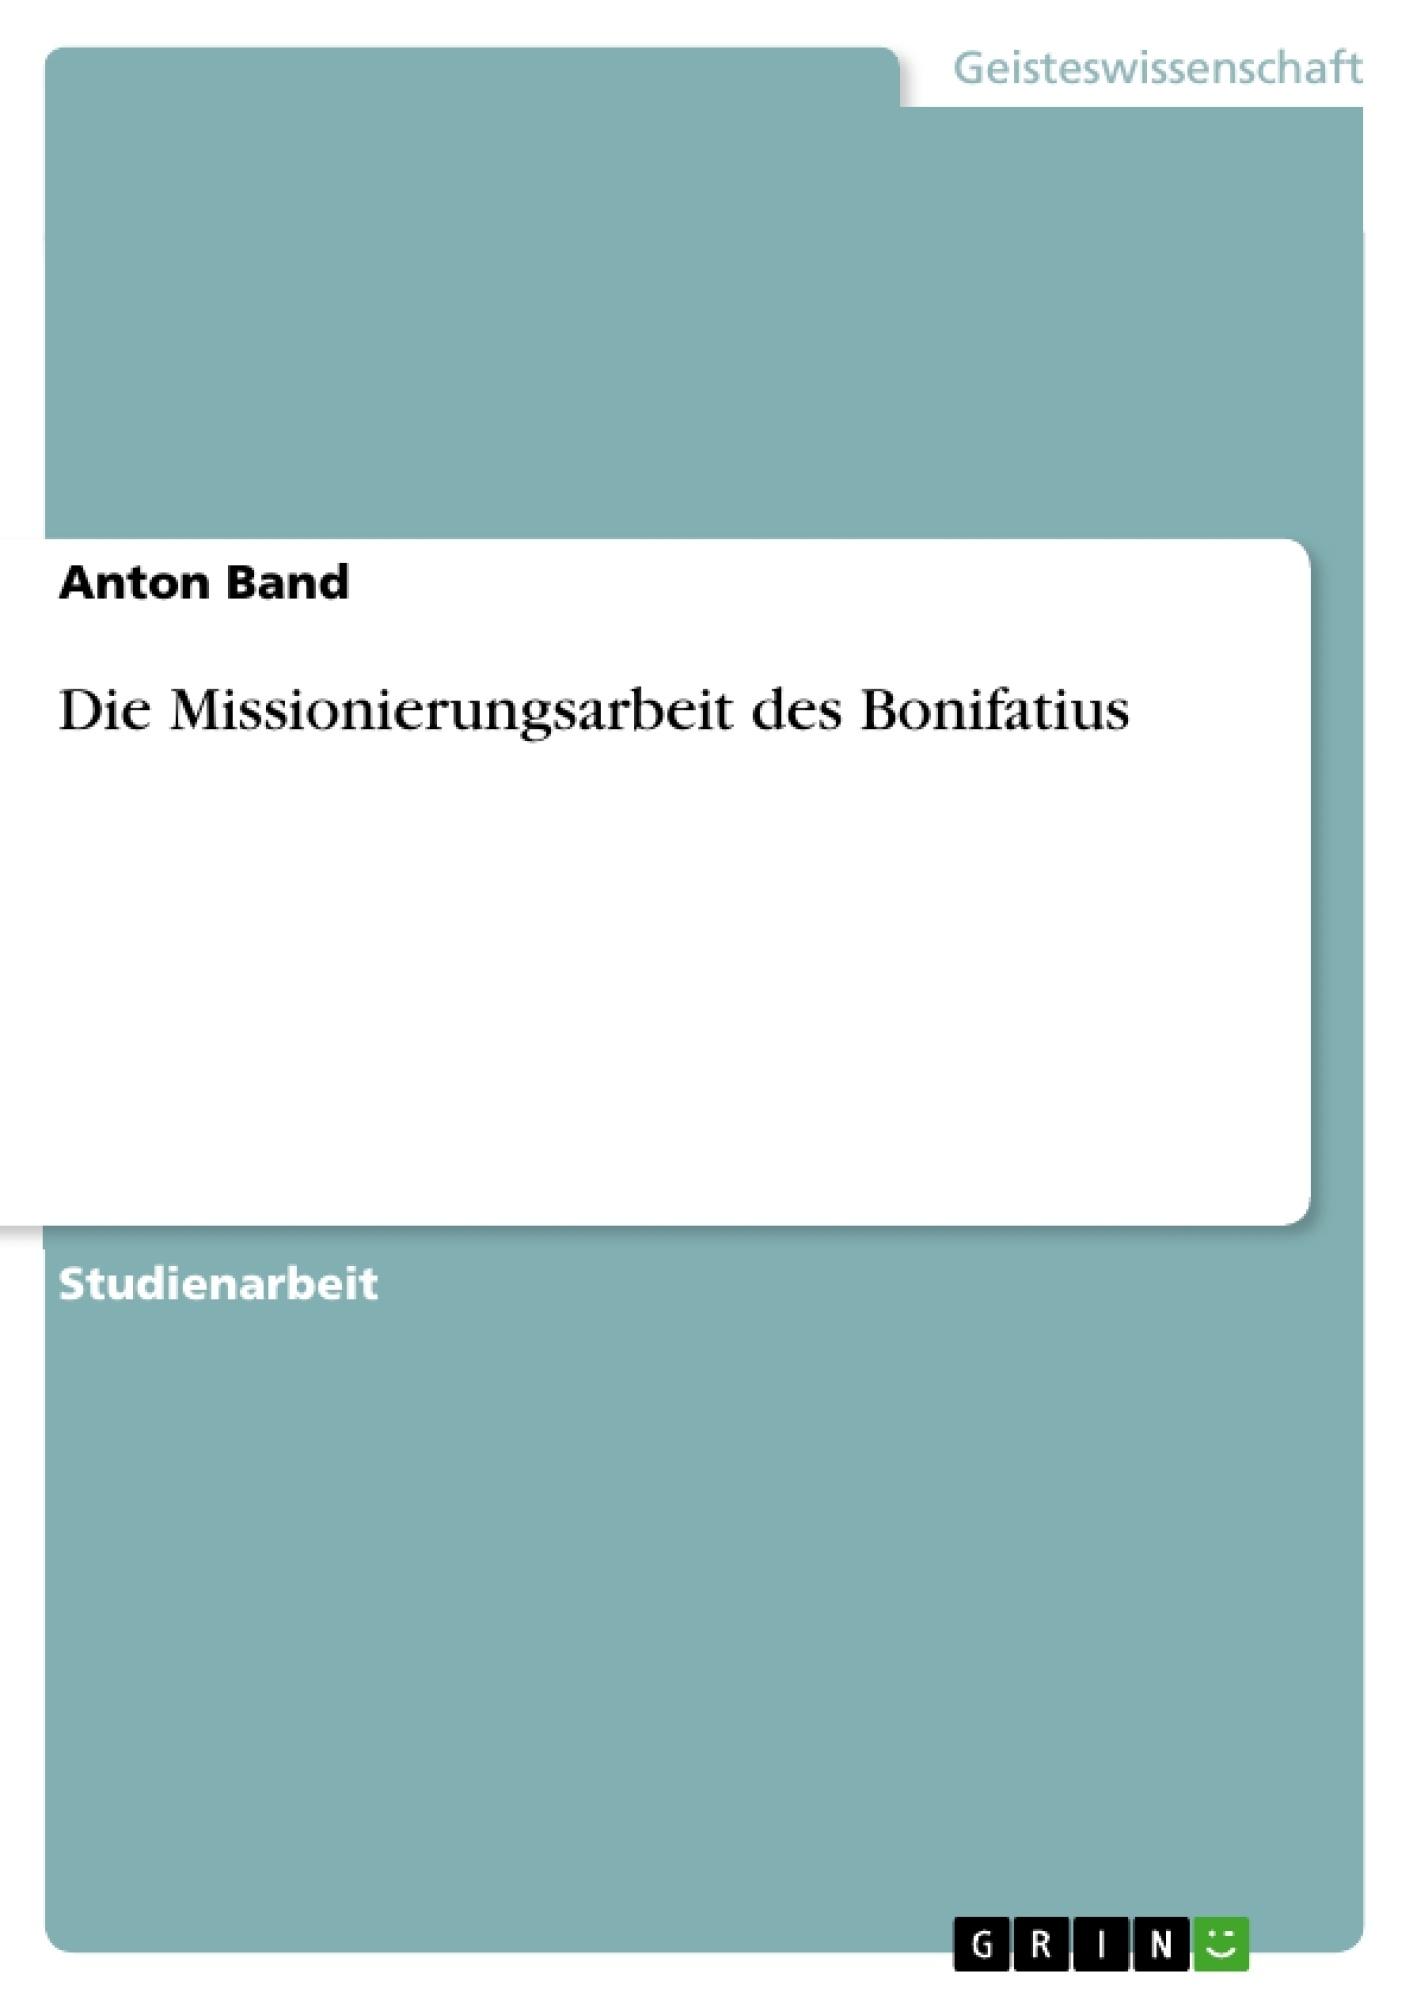 Titel: Die Missionierungsarbeit des Bonifatius